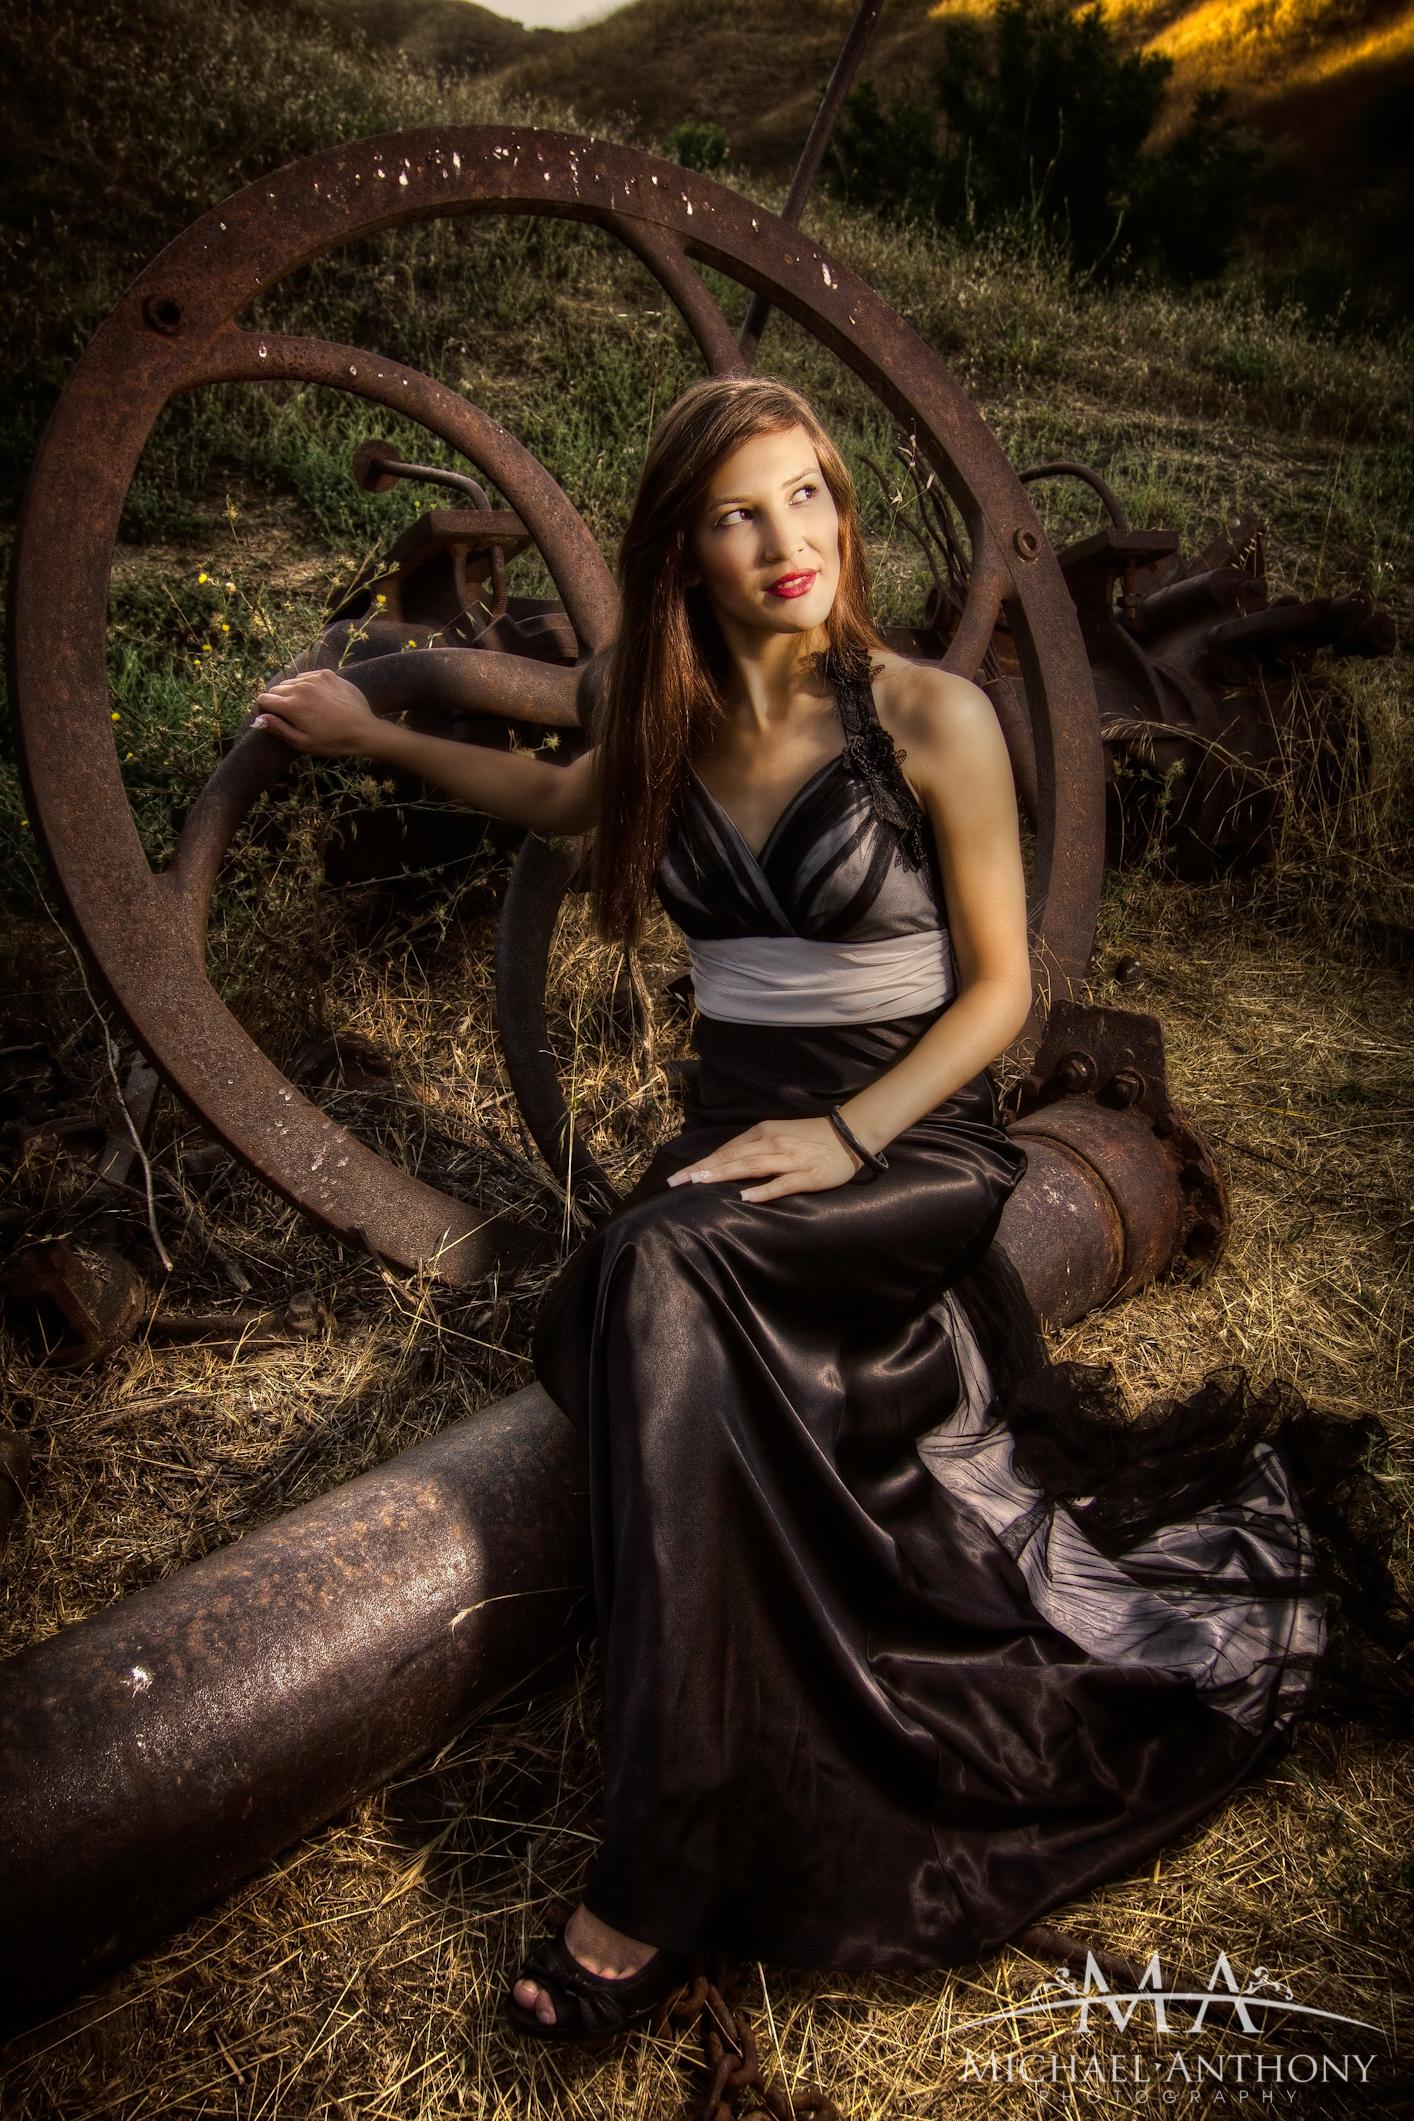 Los Angeles Fashion Style Portrait Photographer